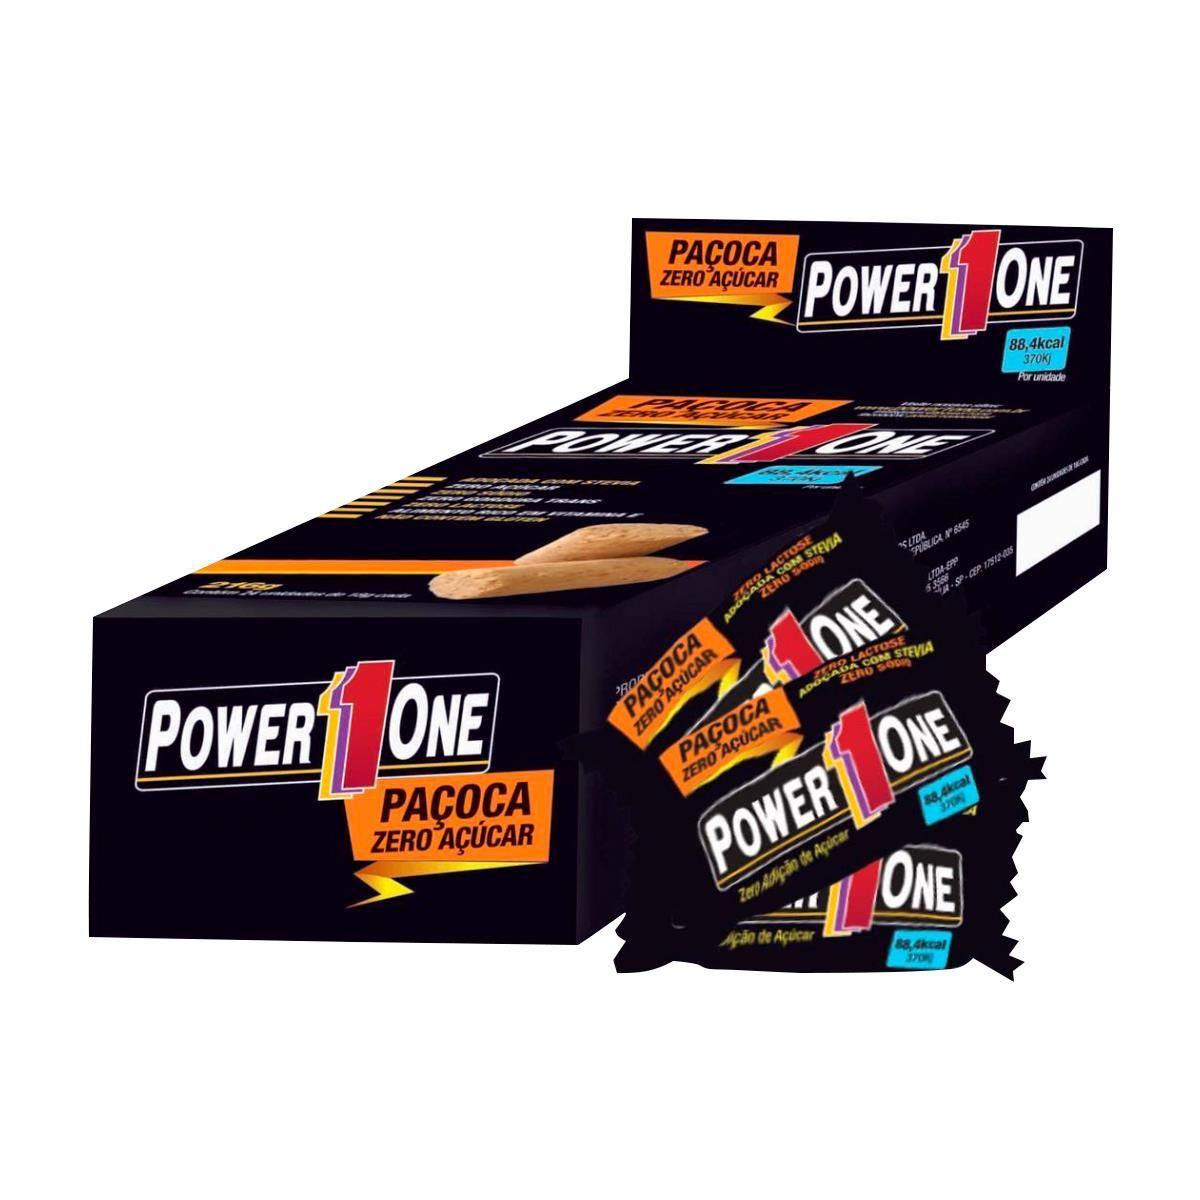 Paçoca Zero Açucar Caixa (24 Uni.) - Power1One